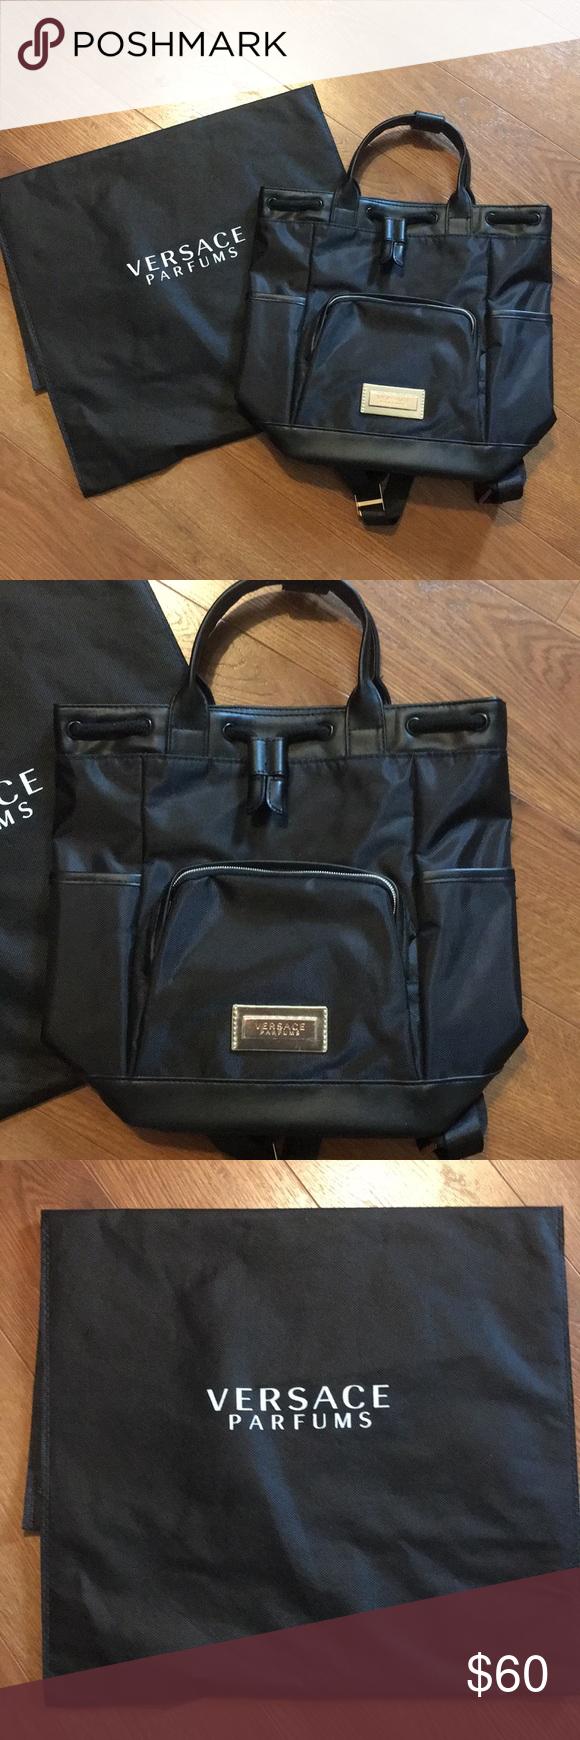 Nwot Versace Backpack Dust Bag Authentic Versace Backpack Bags Dust Bag